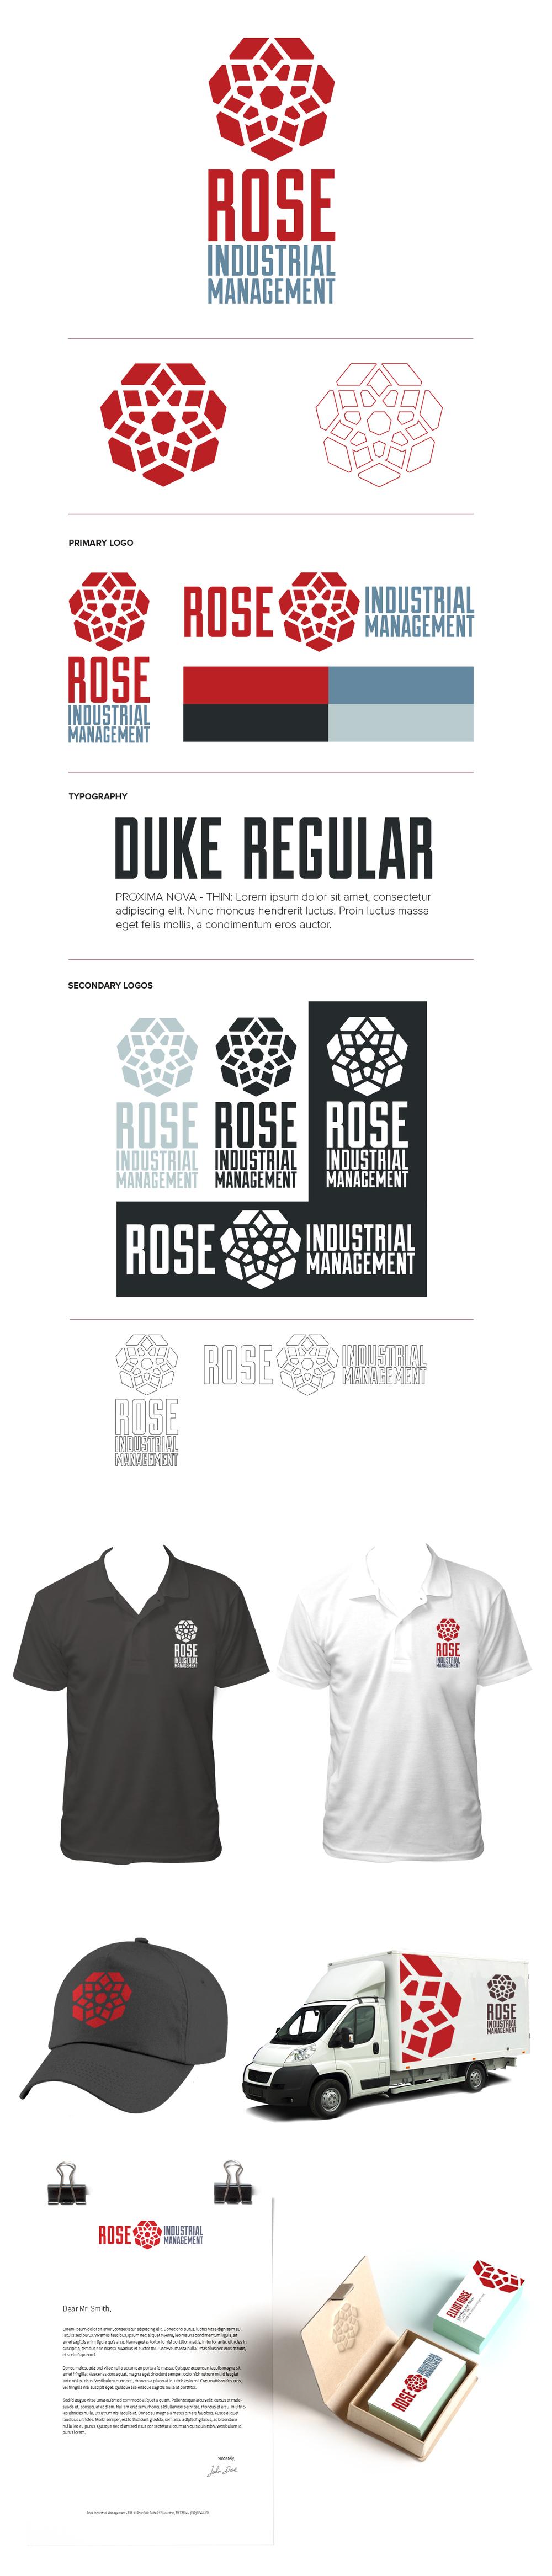 roseforsite1.jpg